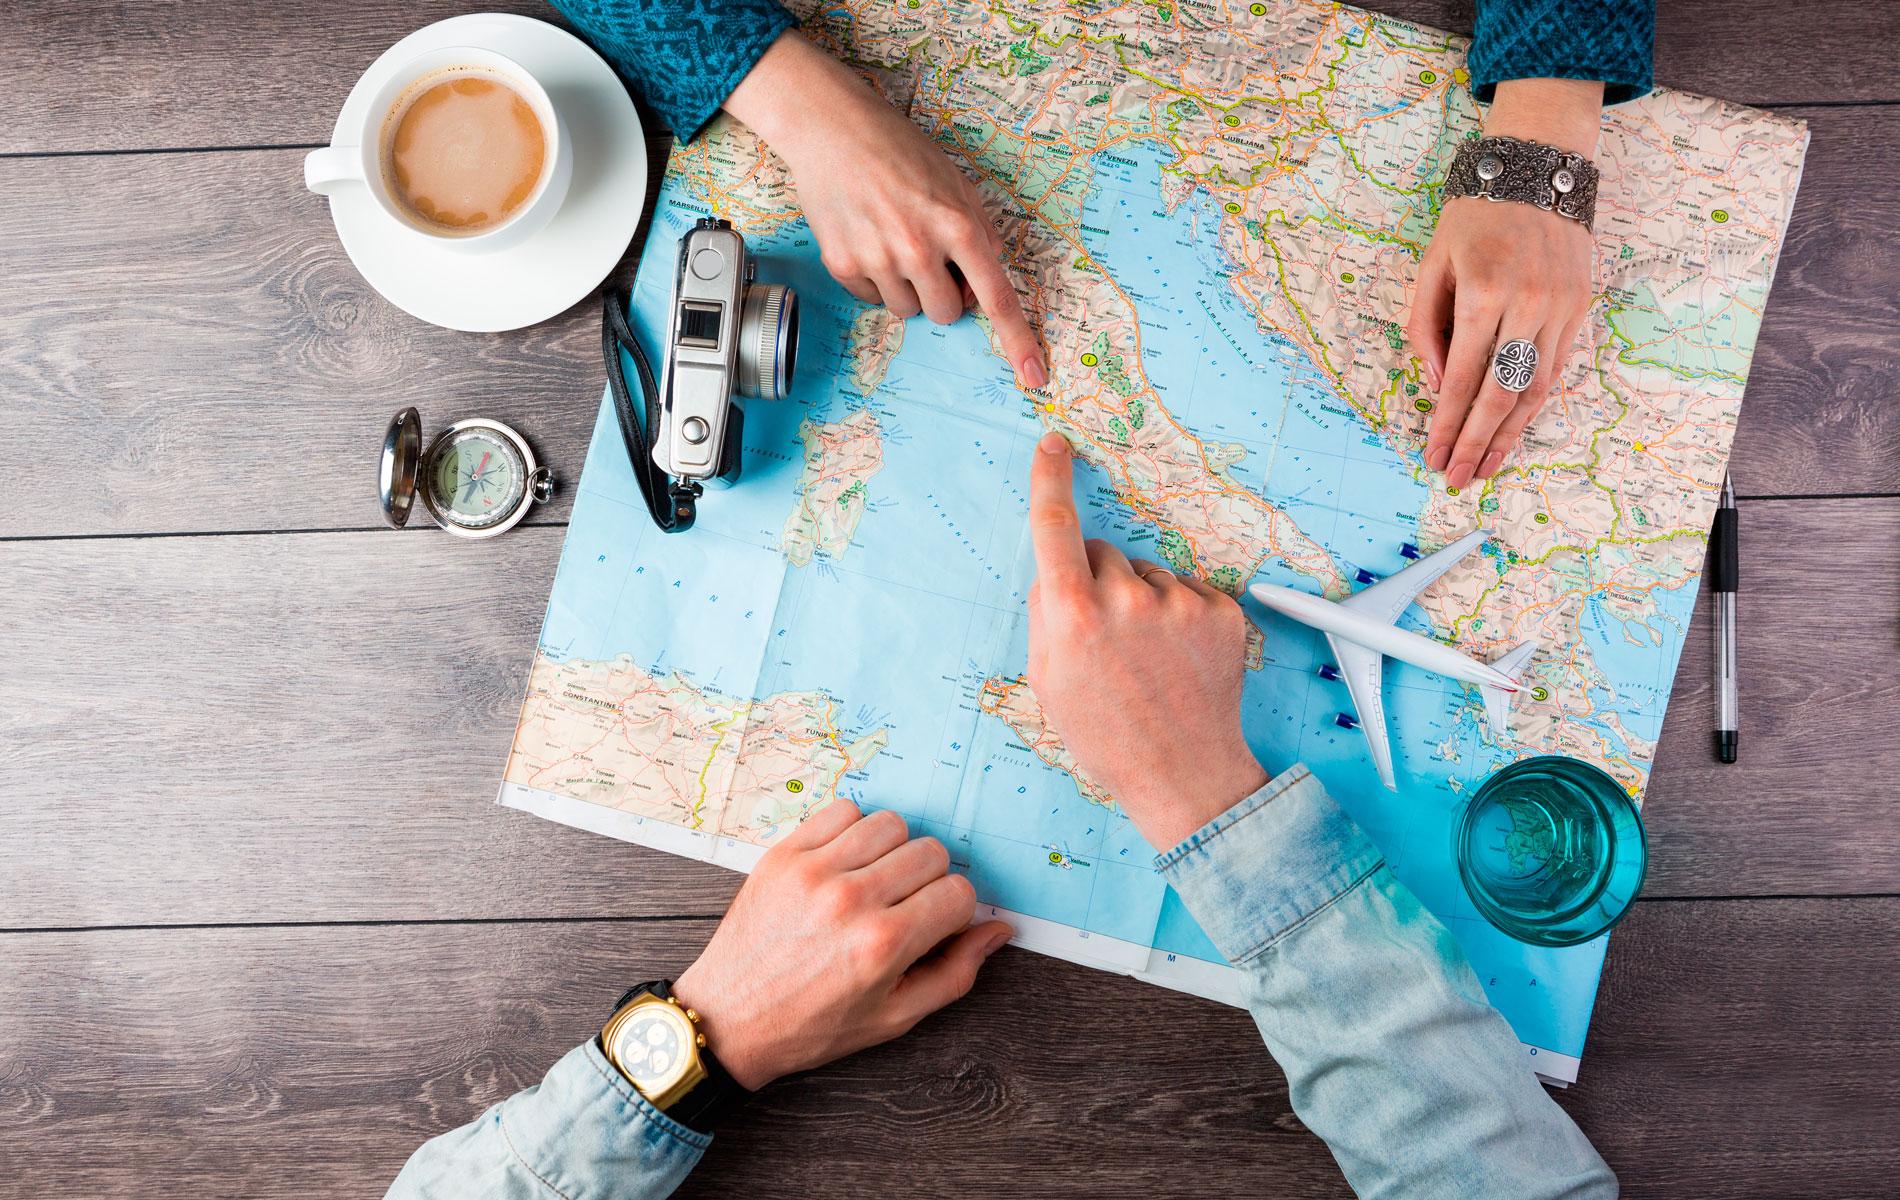 viajar pareja verano recurso mapa avion